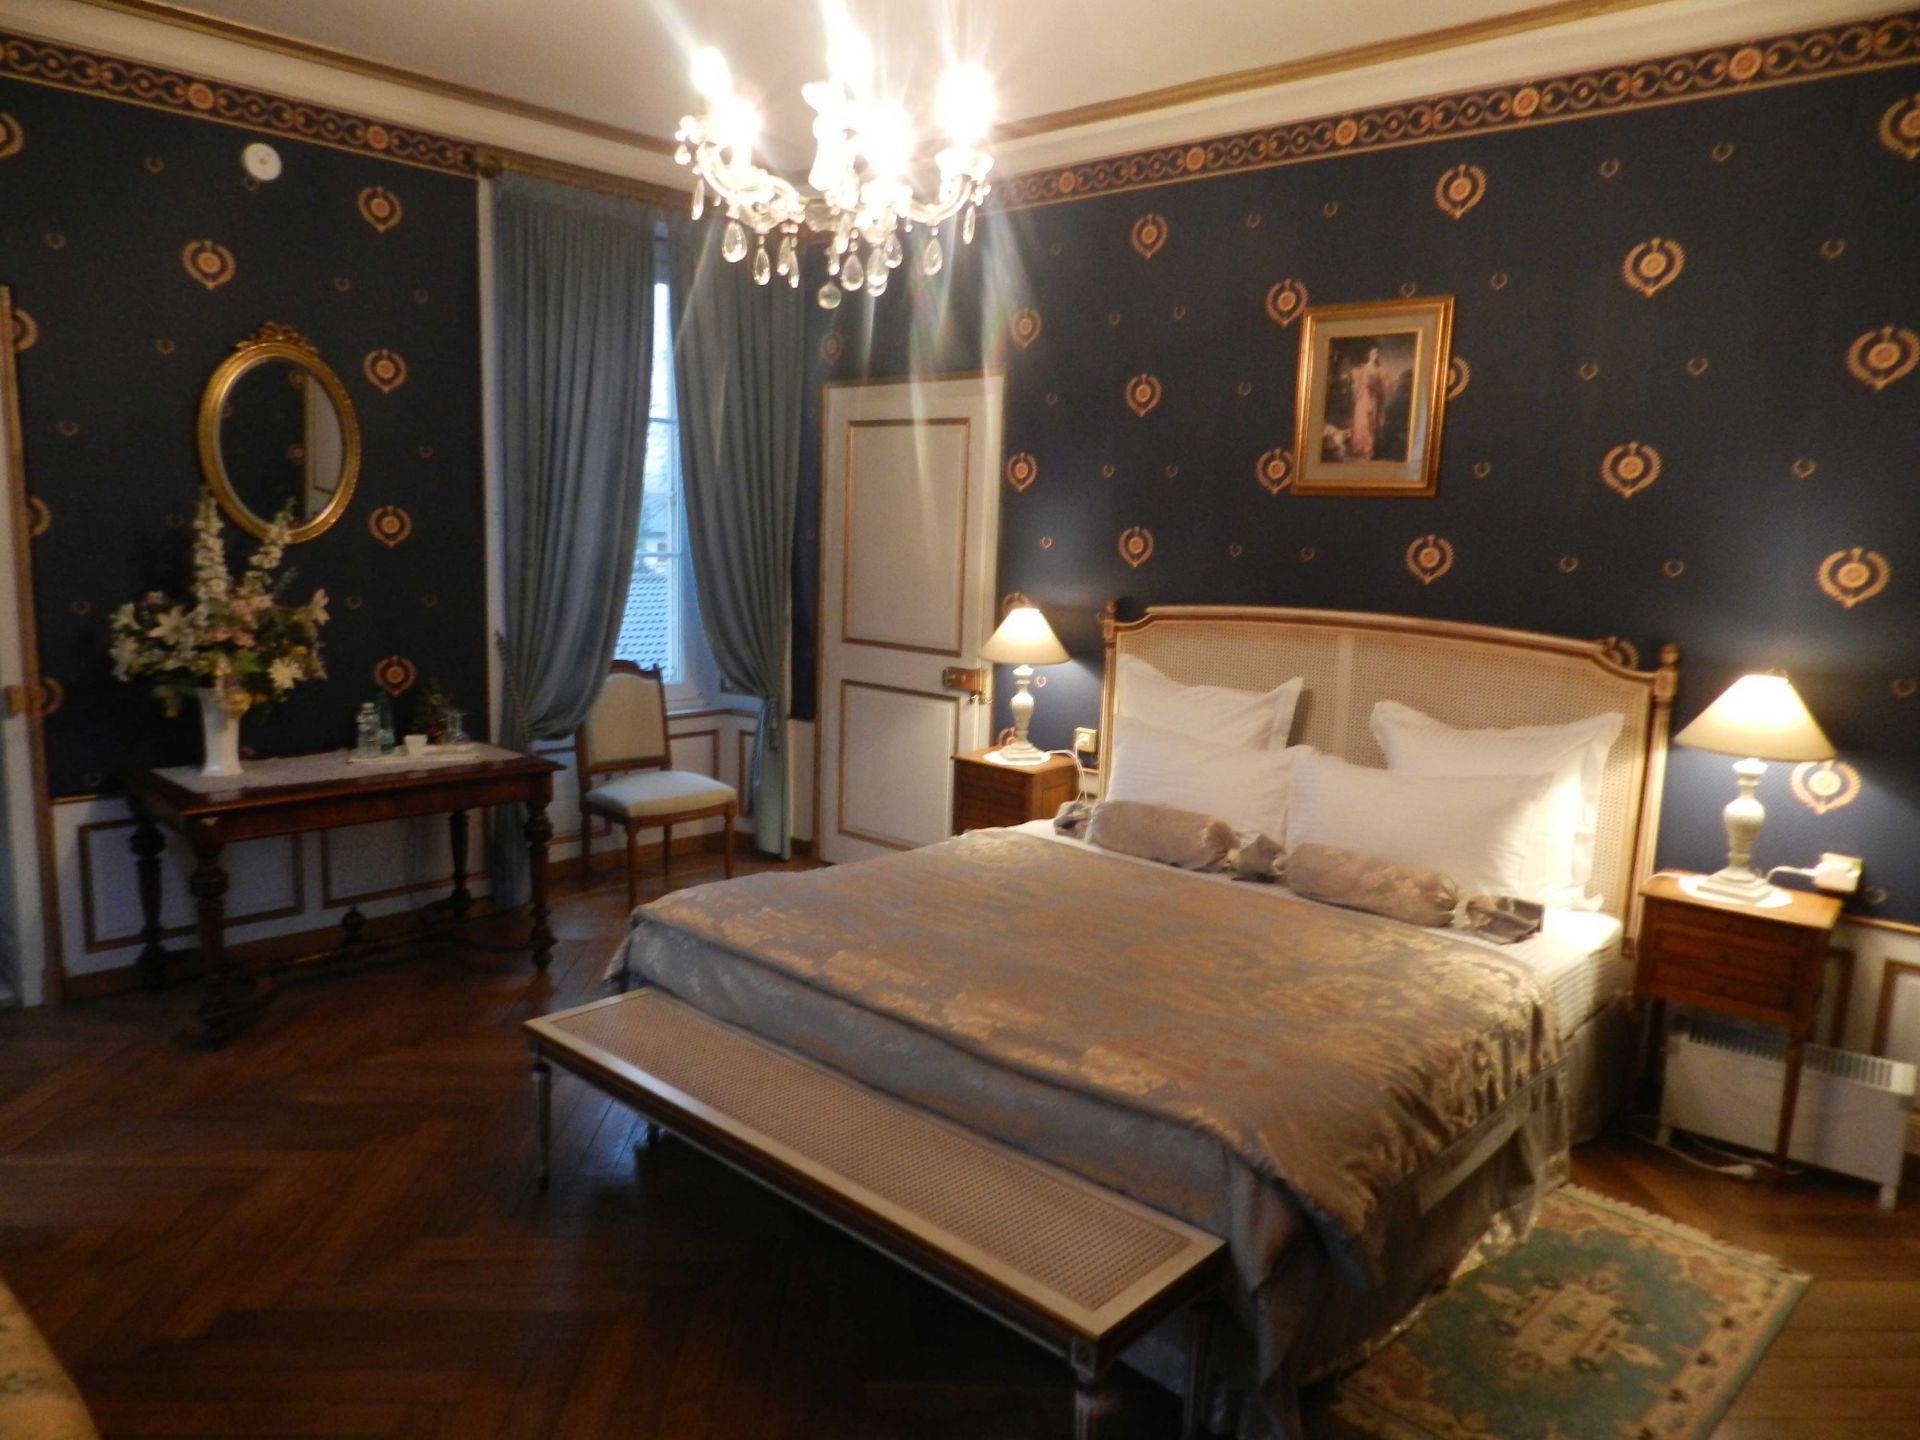 Chambres d hotes chateau de labessiere Lorraine Tourisme